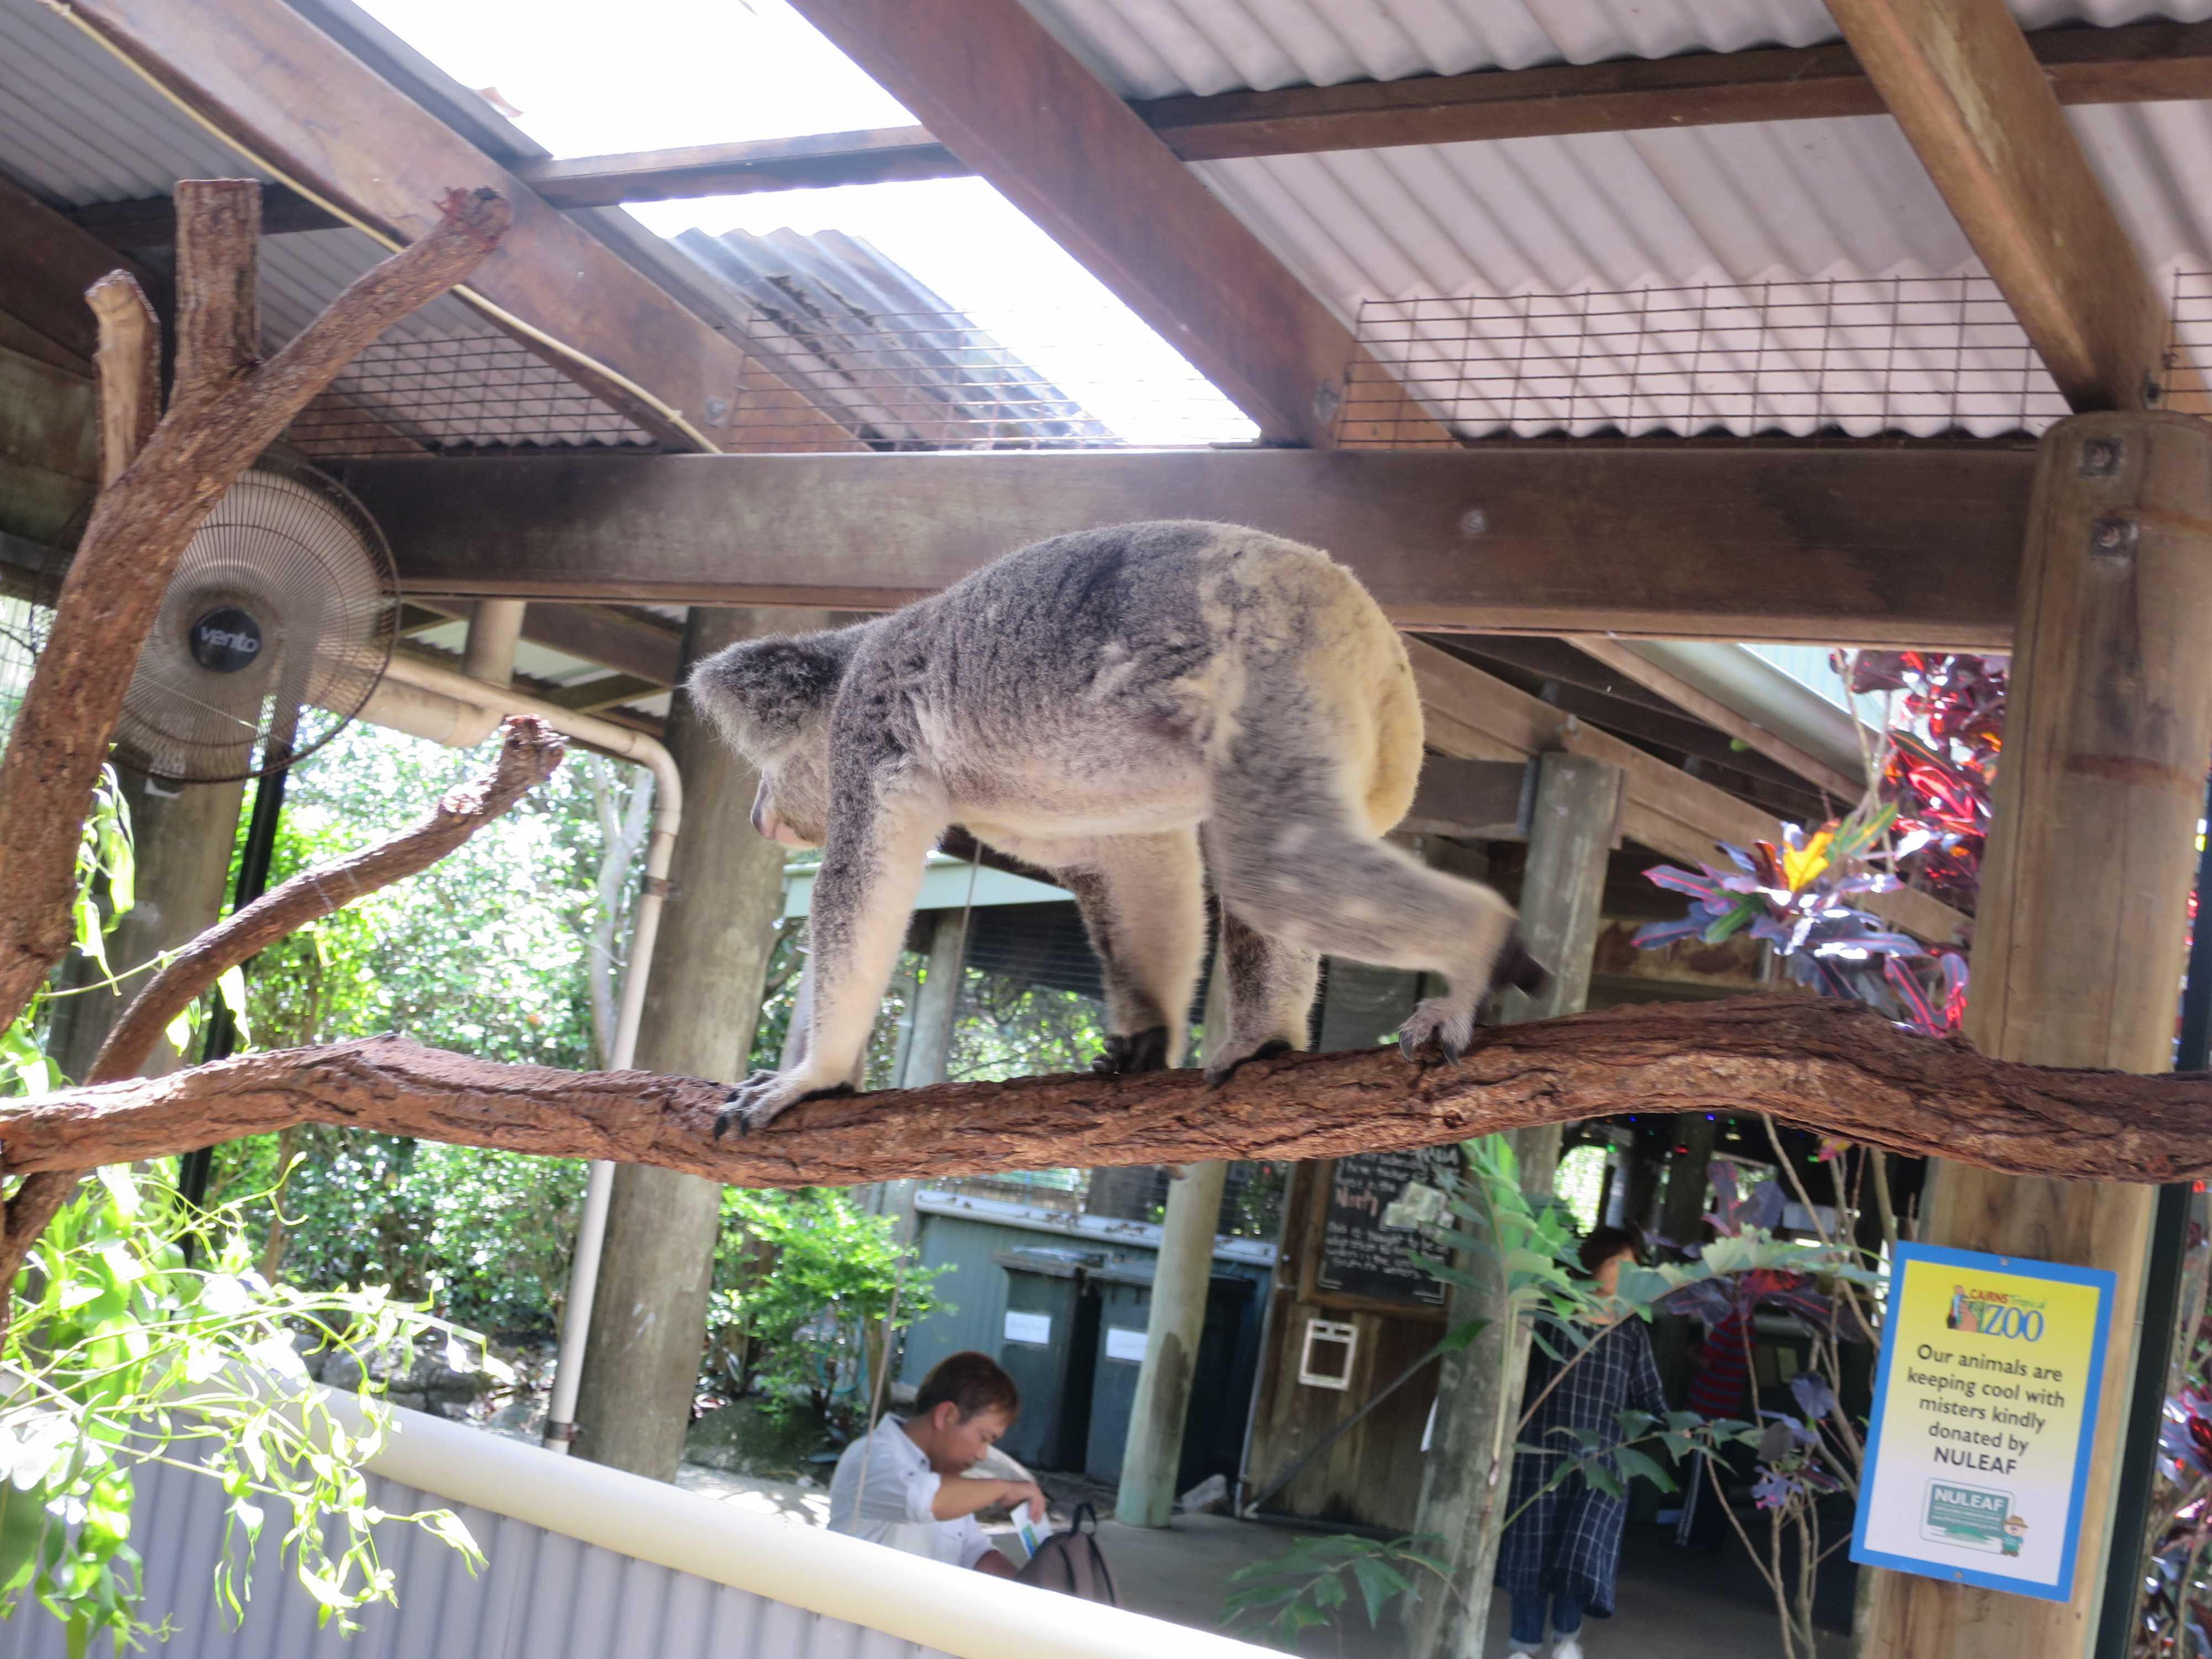 ケアンズトロピカルズー - 枝の上を歩くコアラ